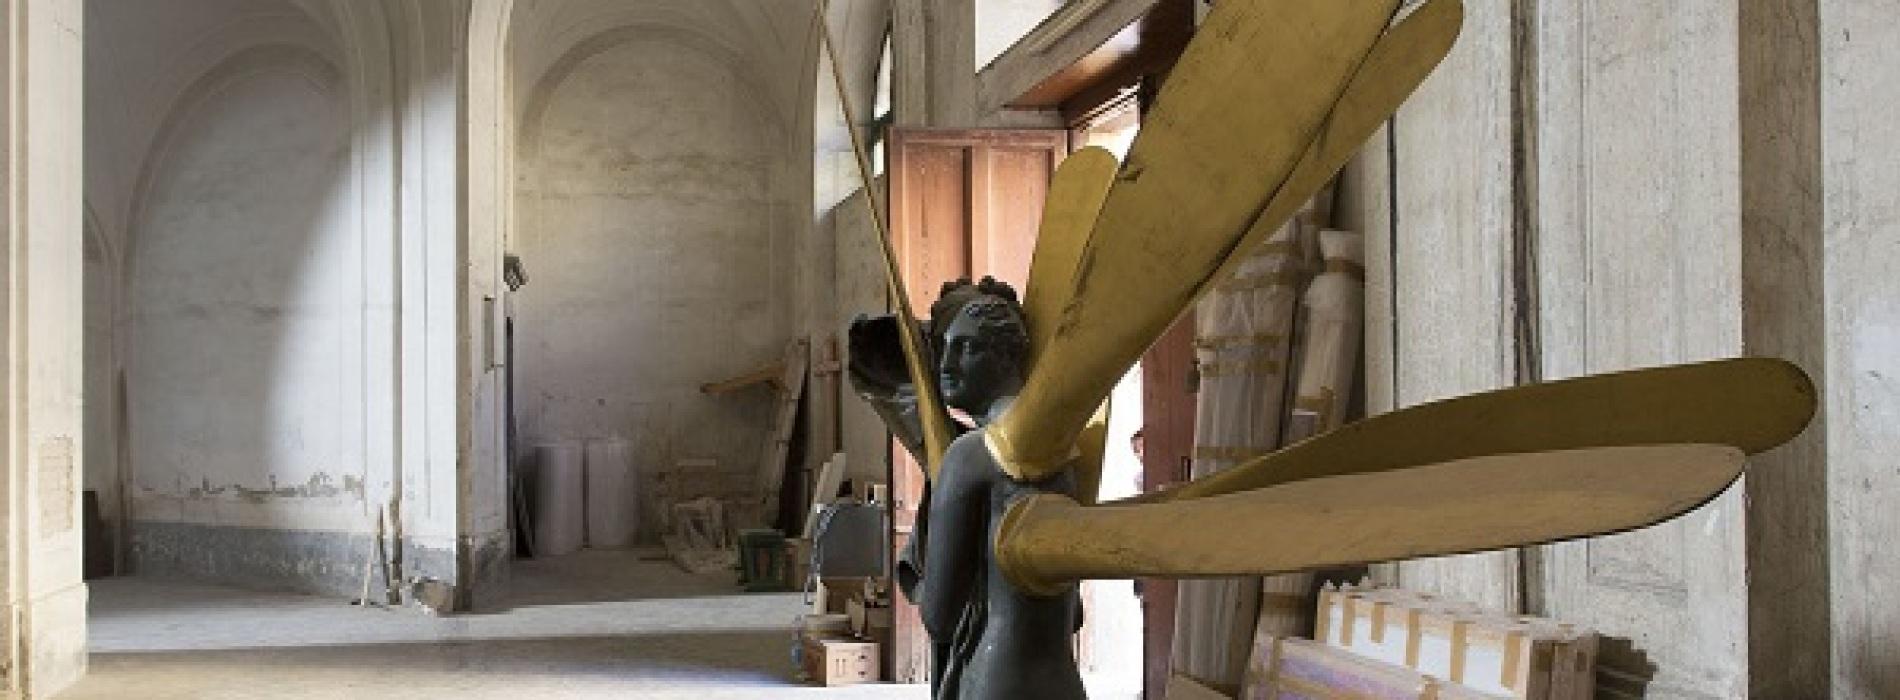 Casa Morra, nasce a Napoli un nuovo museo d'arte